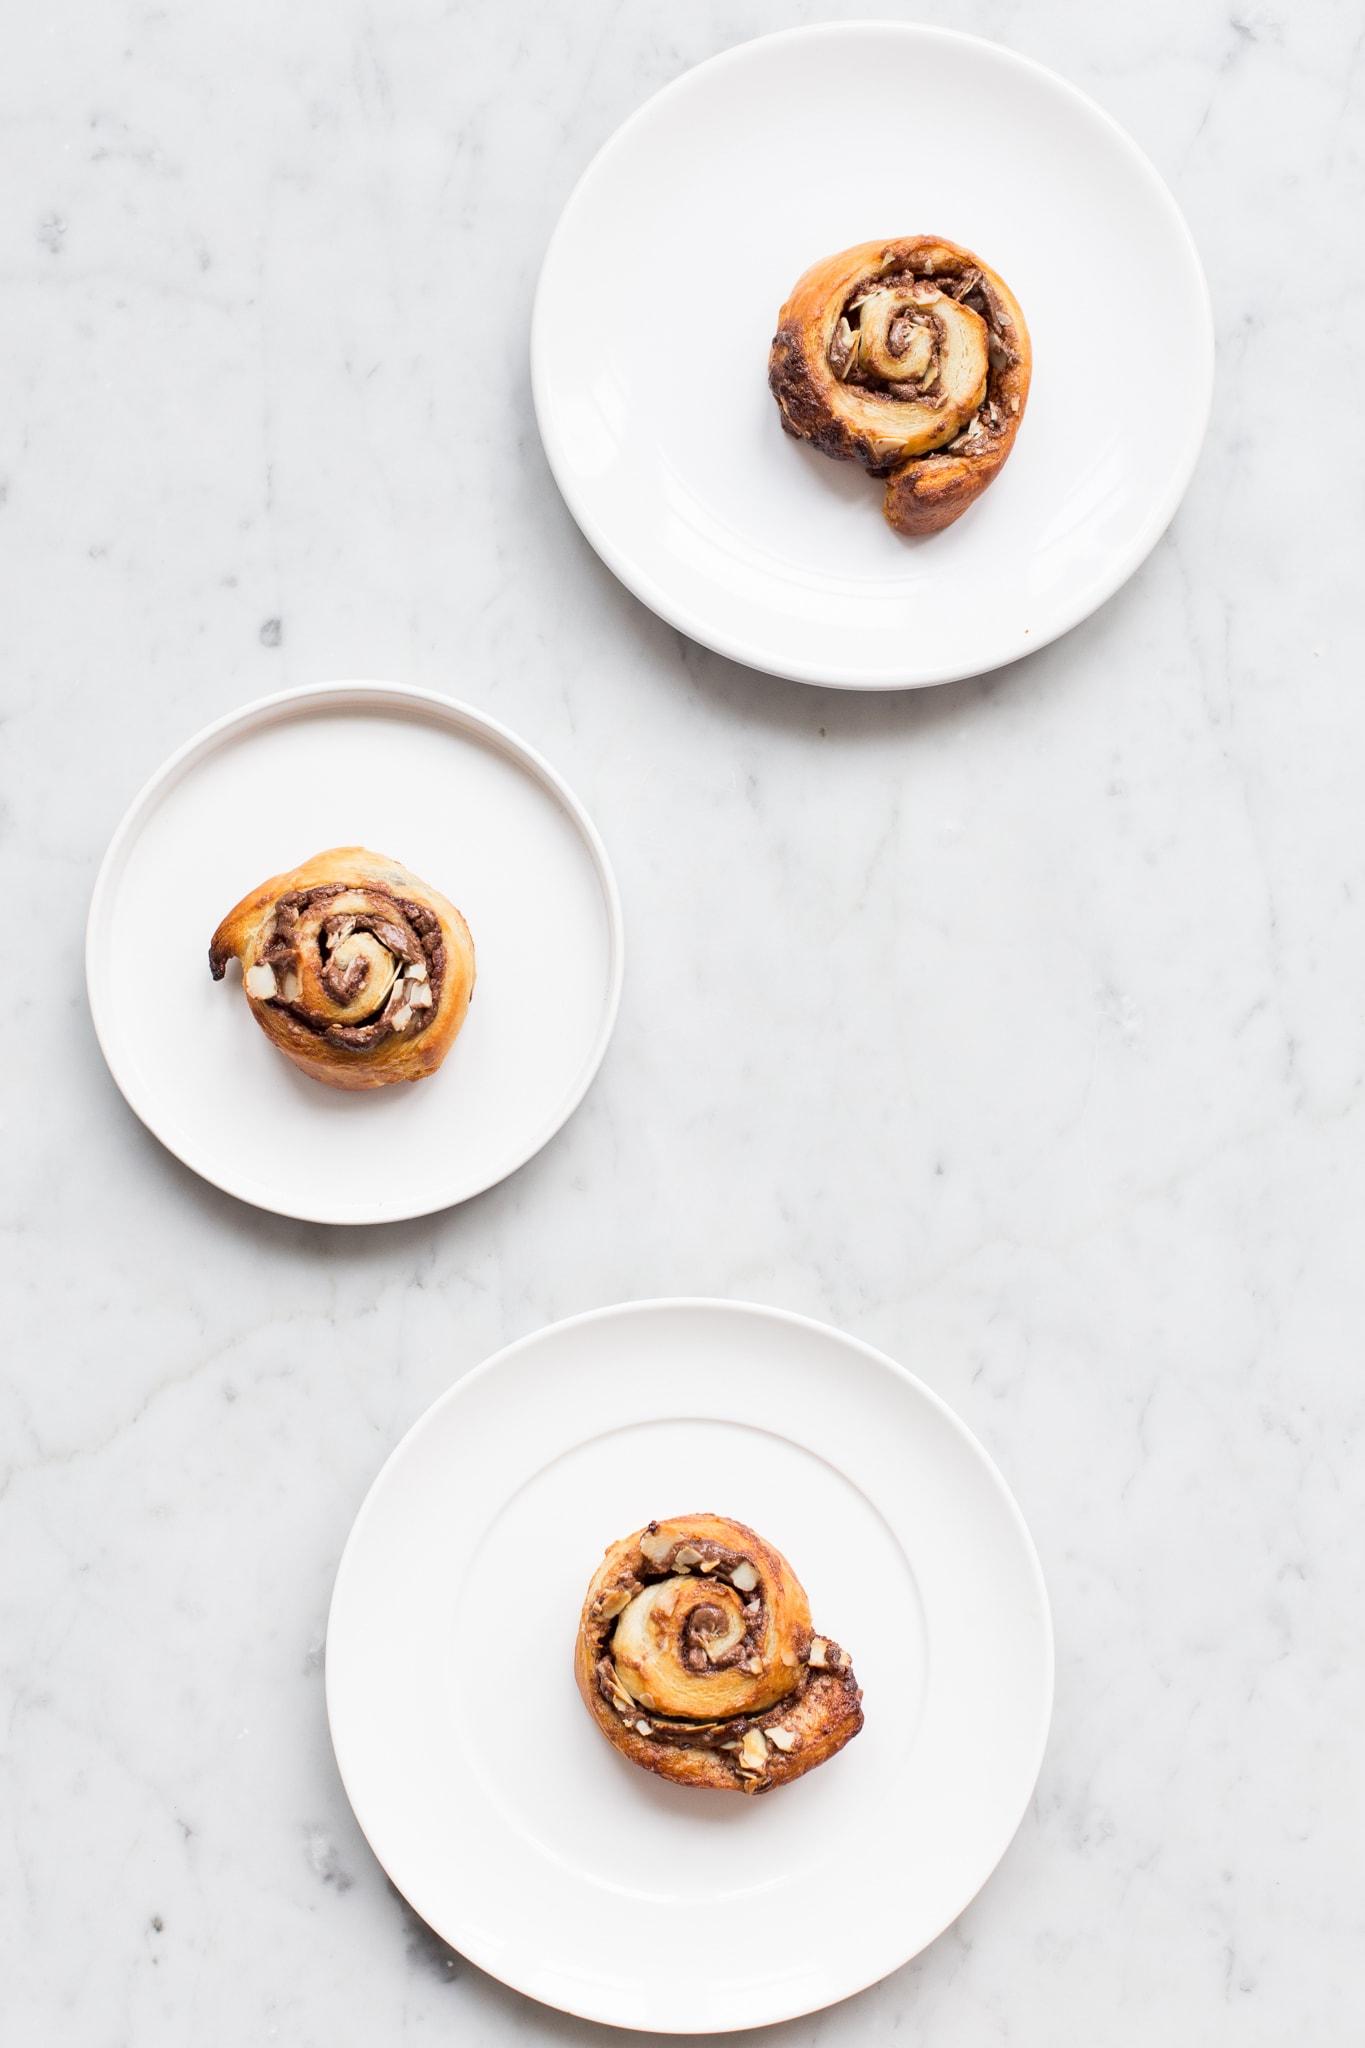 Chocolade hazelnoot spiralen met criossantdeeg